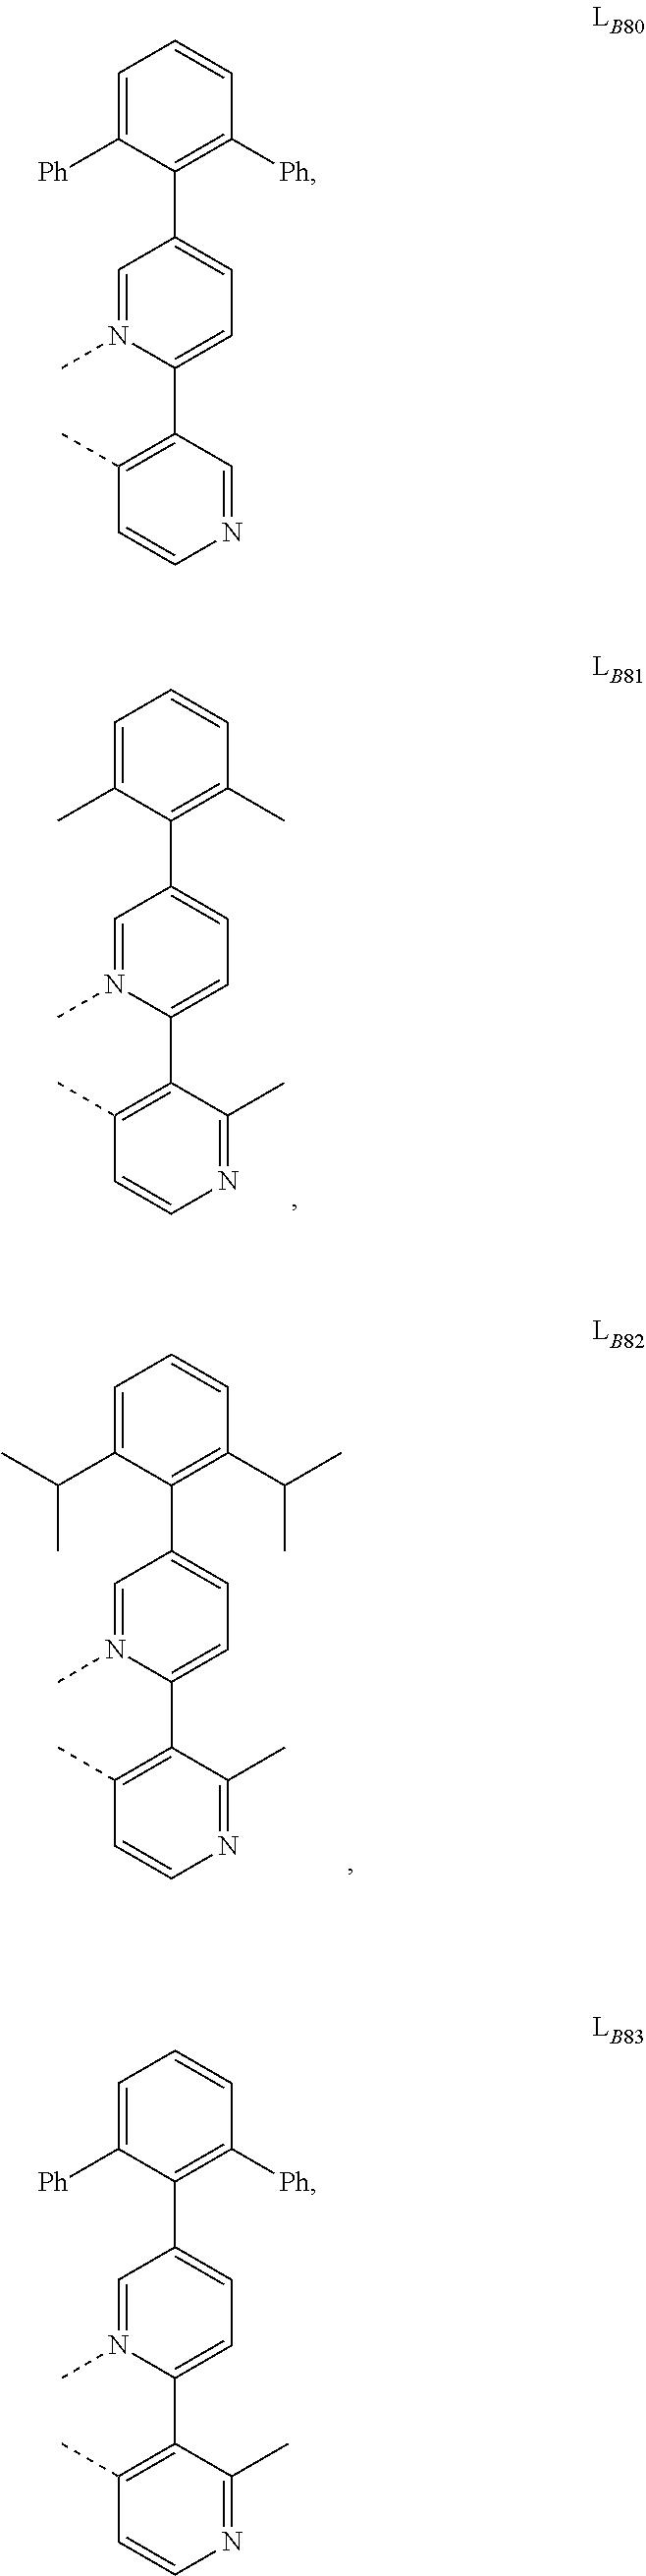 Figure US09905785-20180227-C00575